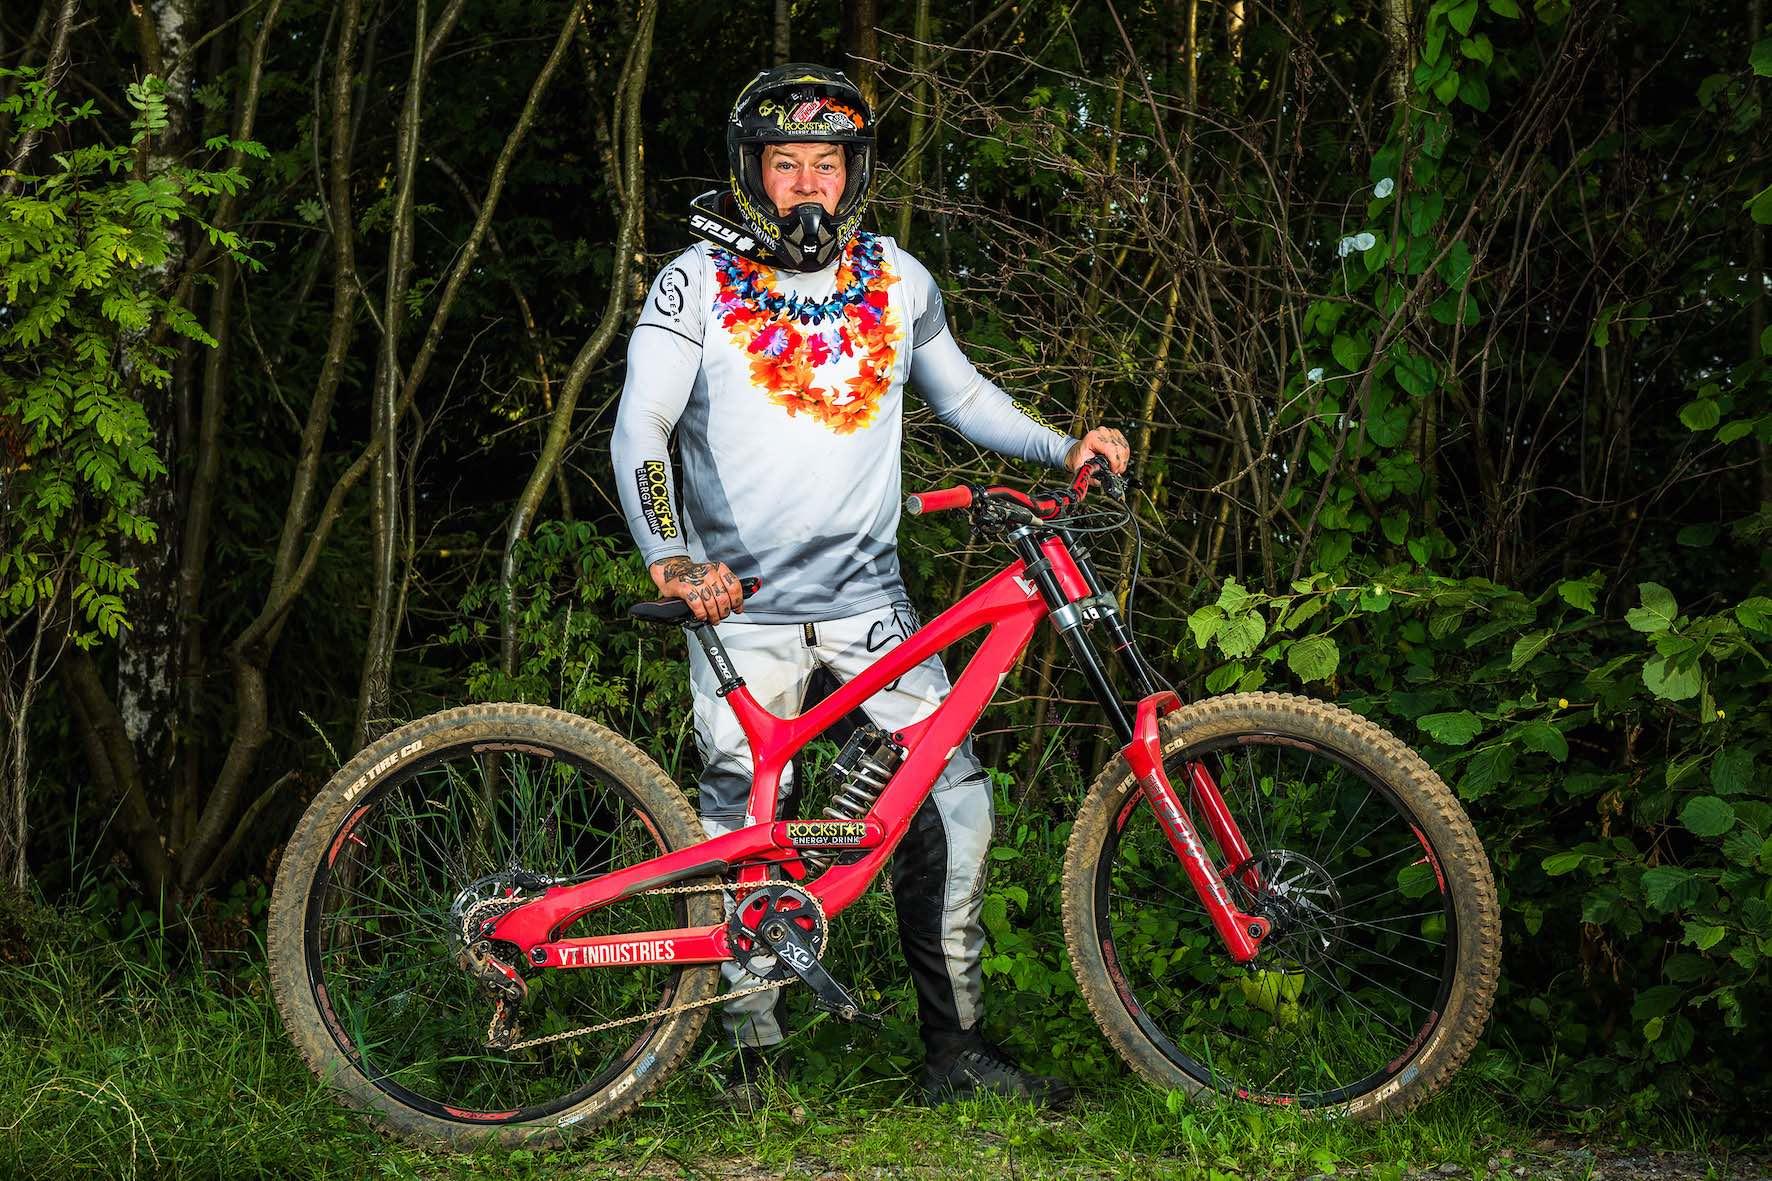 Bikes of Loosefest XL 2019 - Jordie Lunn on YT